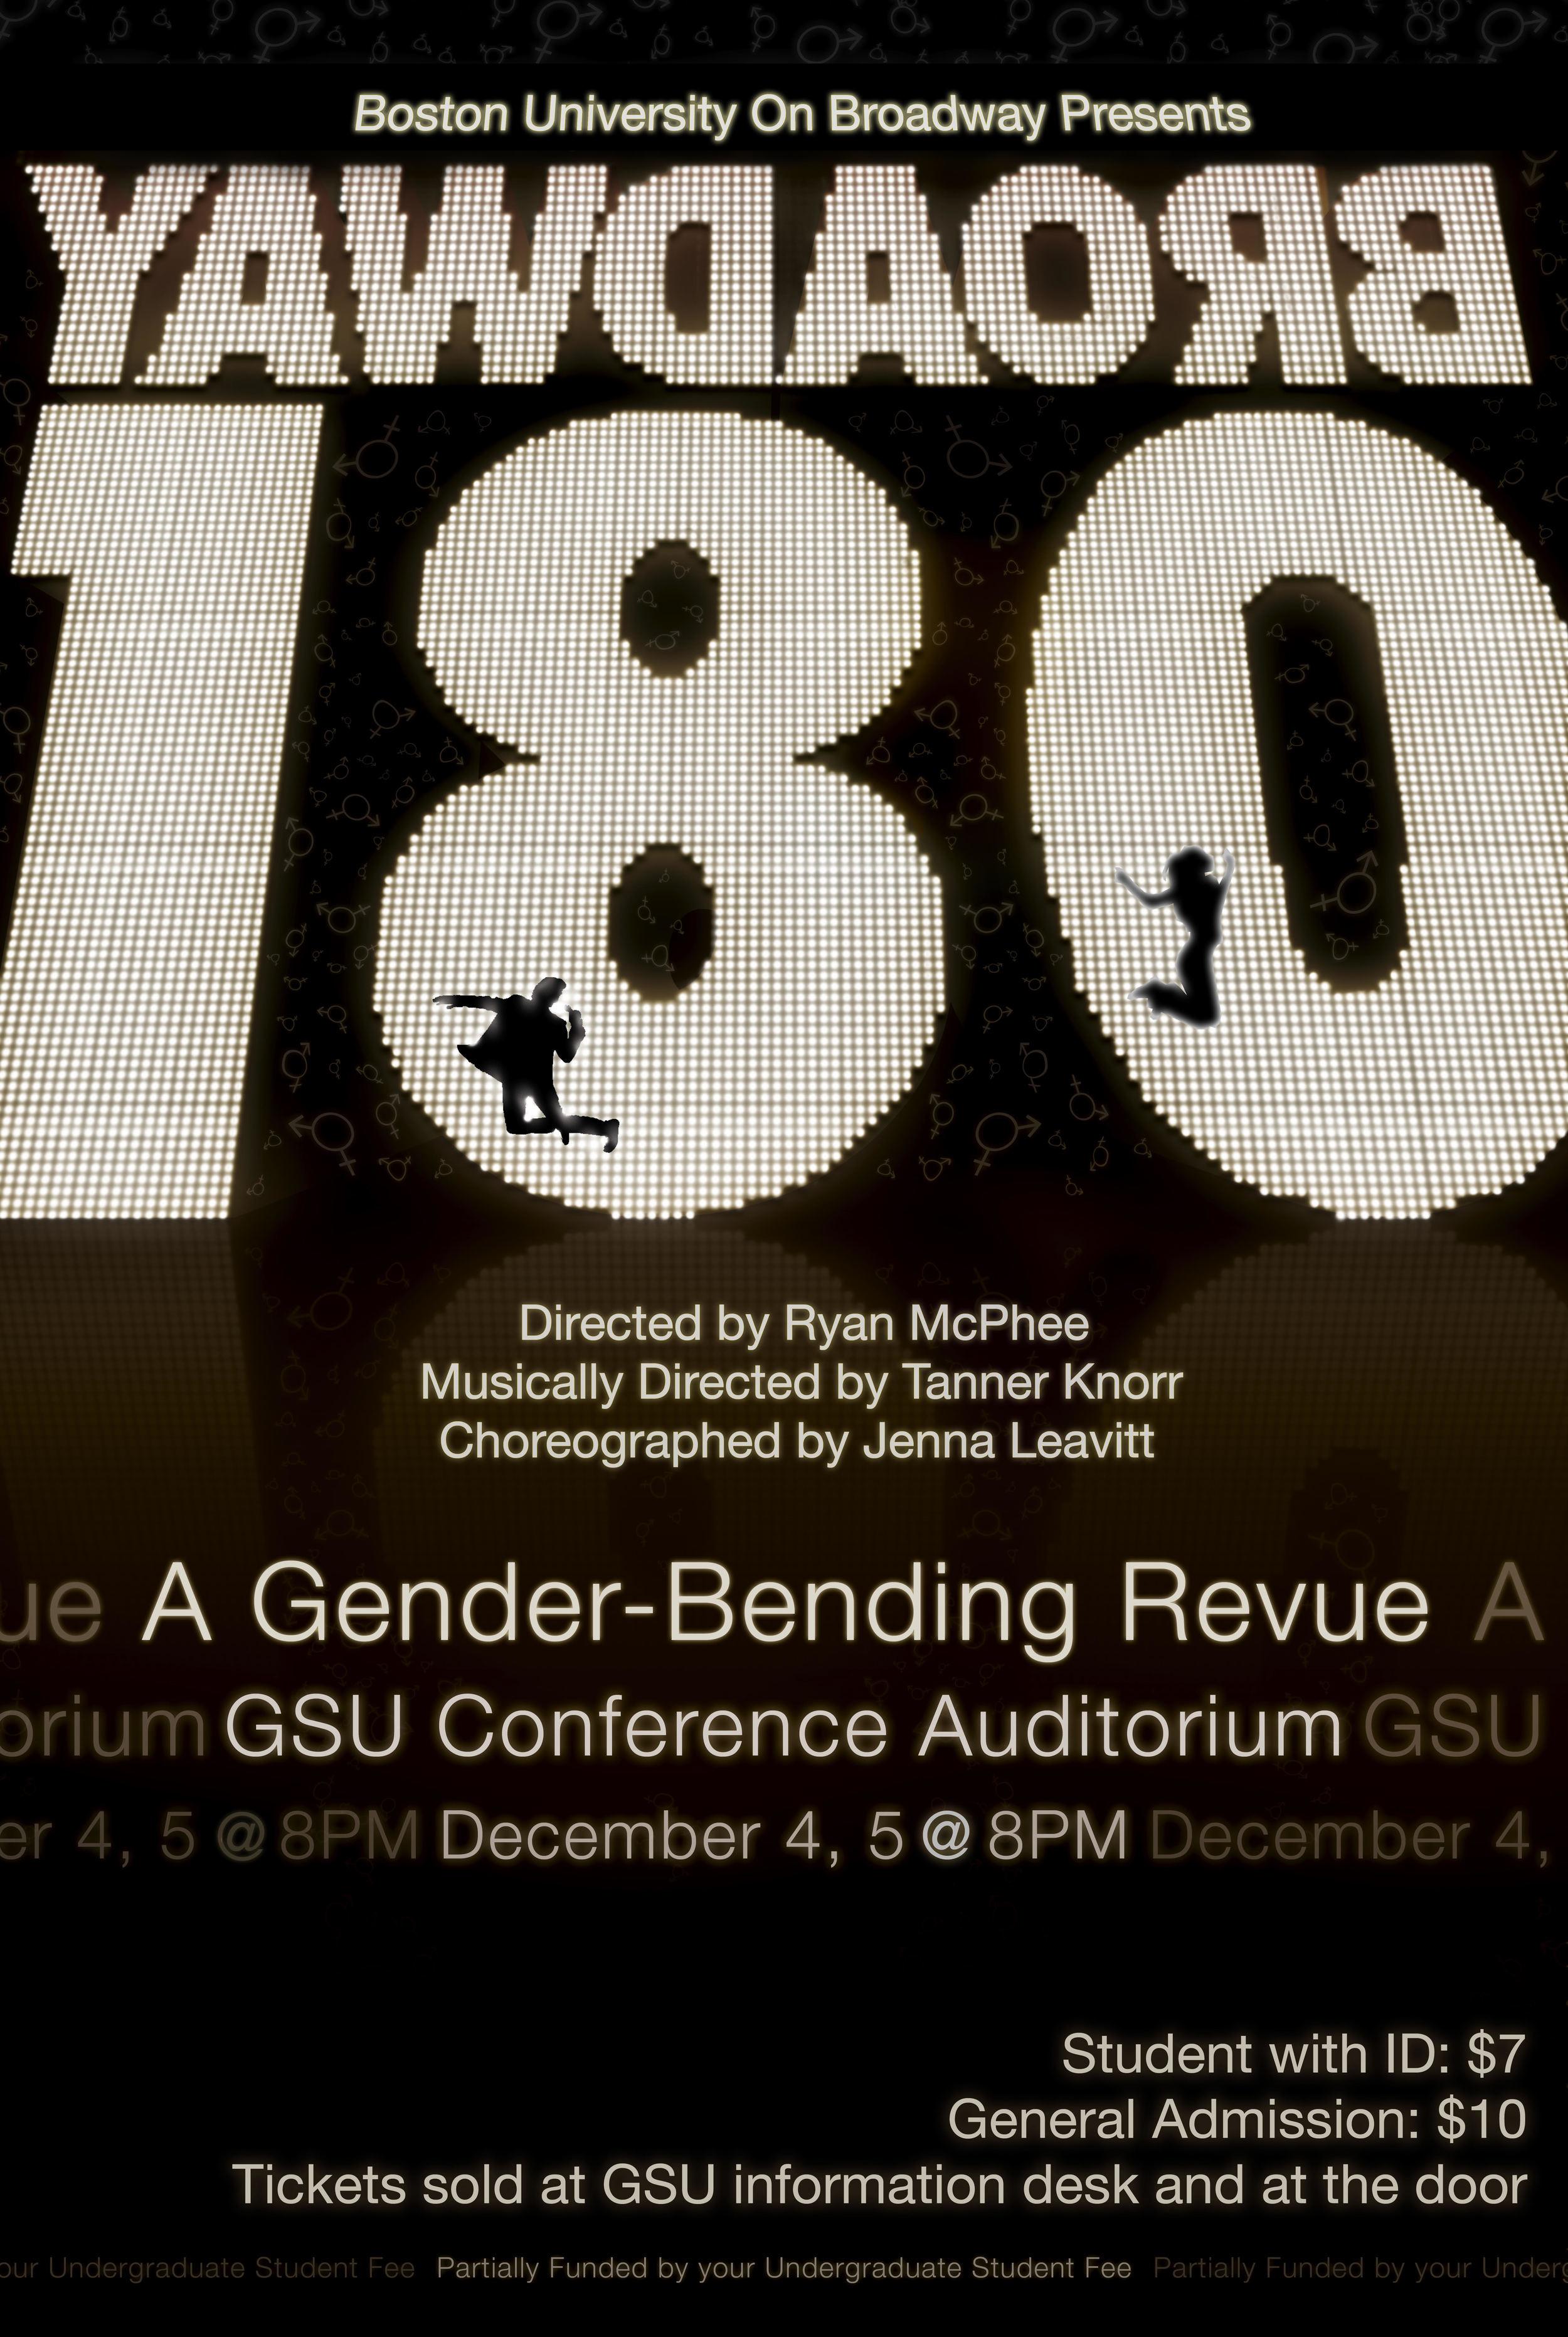 Broadway 180: A Gender-Bending Revue (Fall 2009)